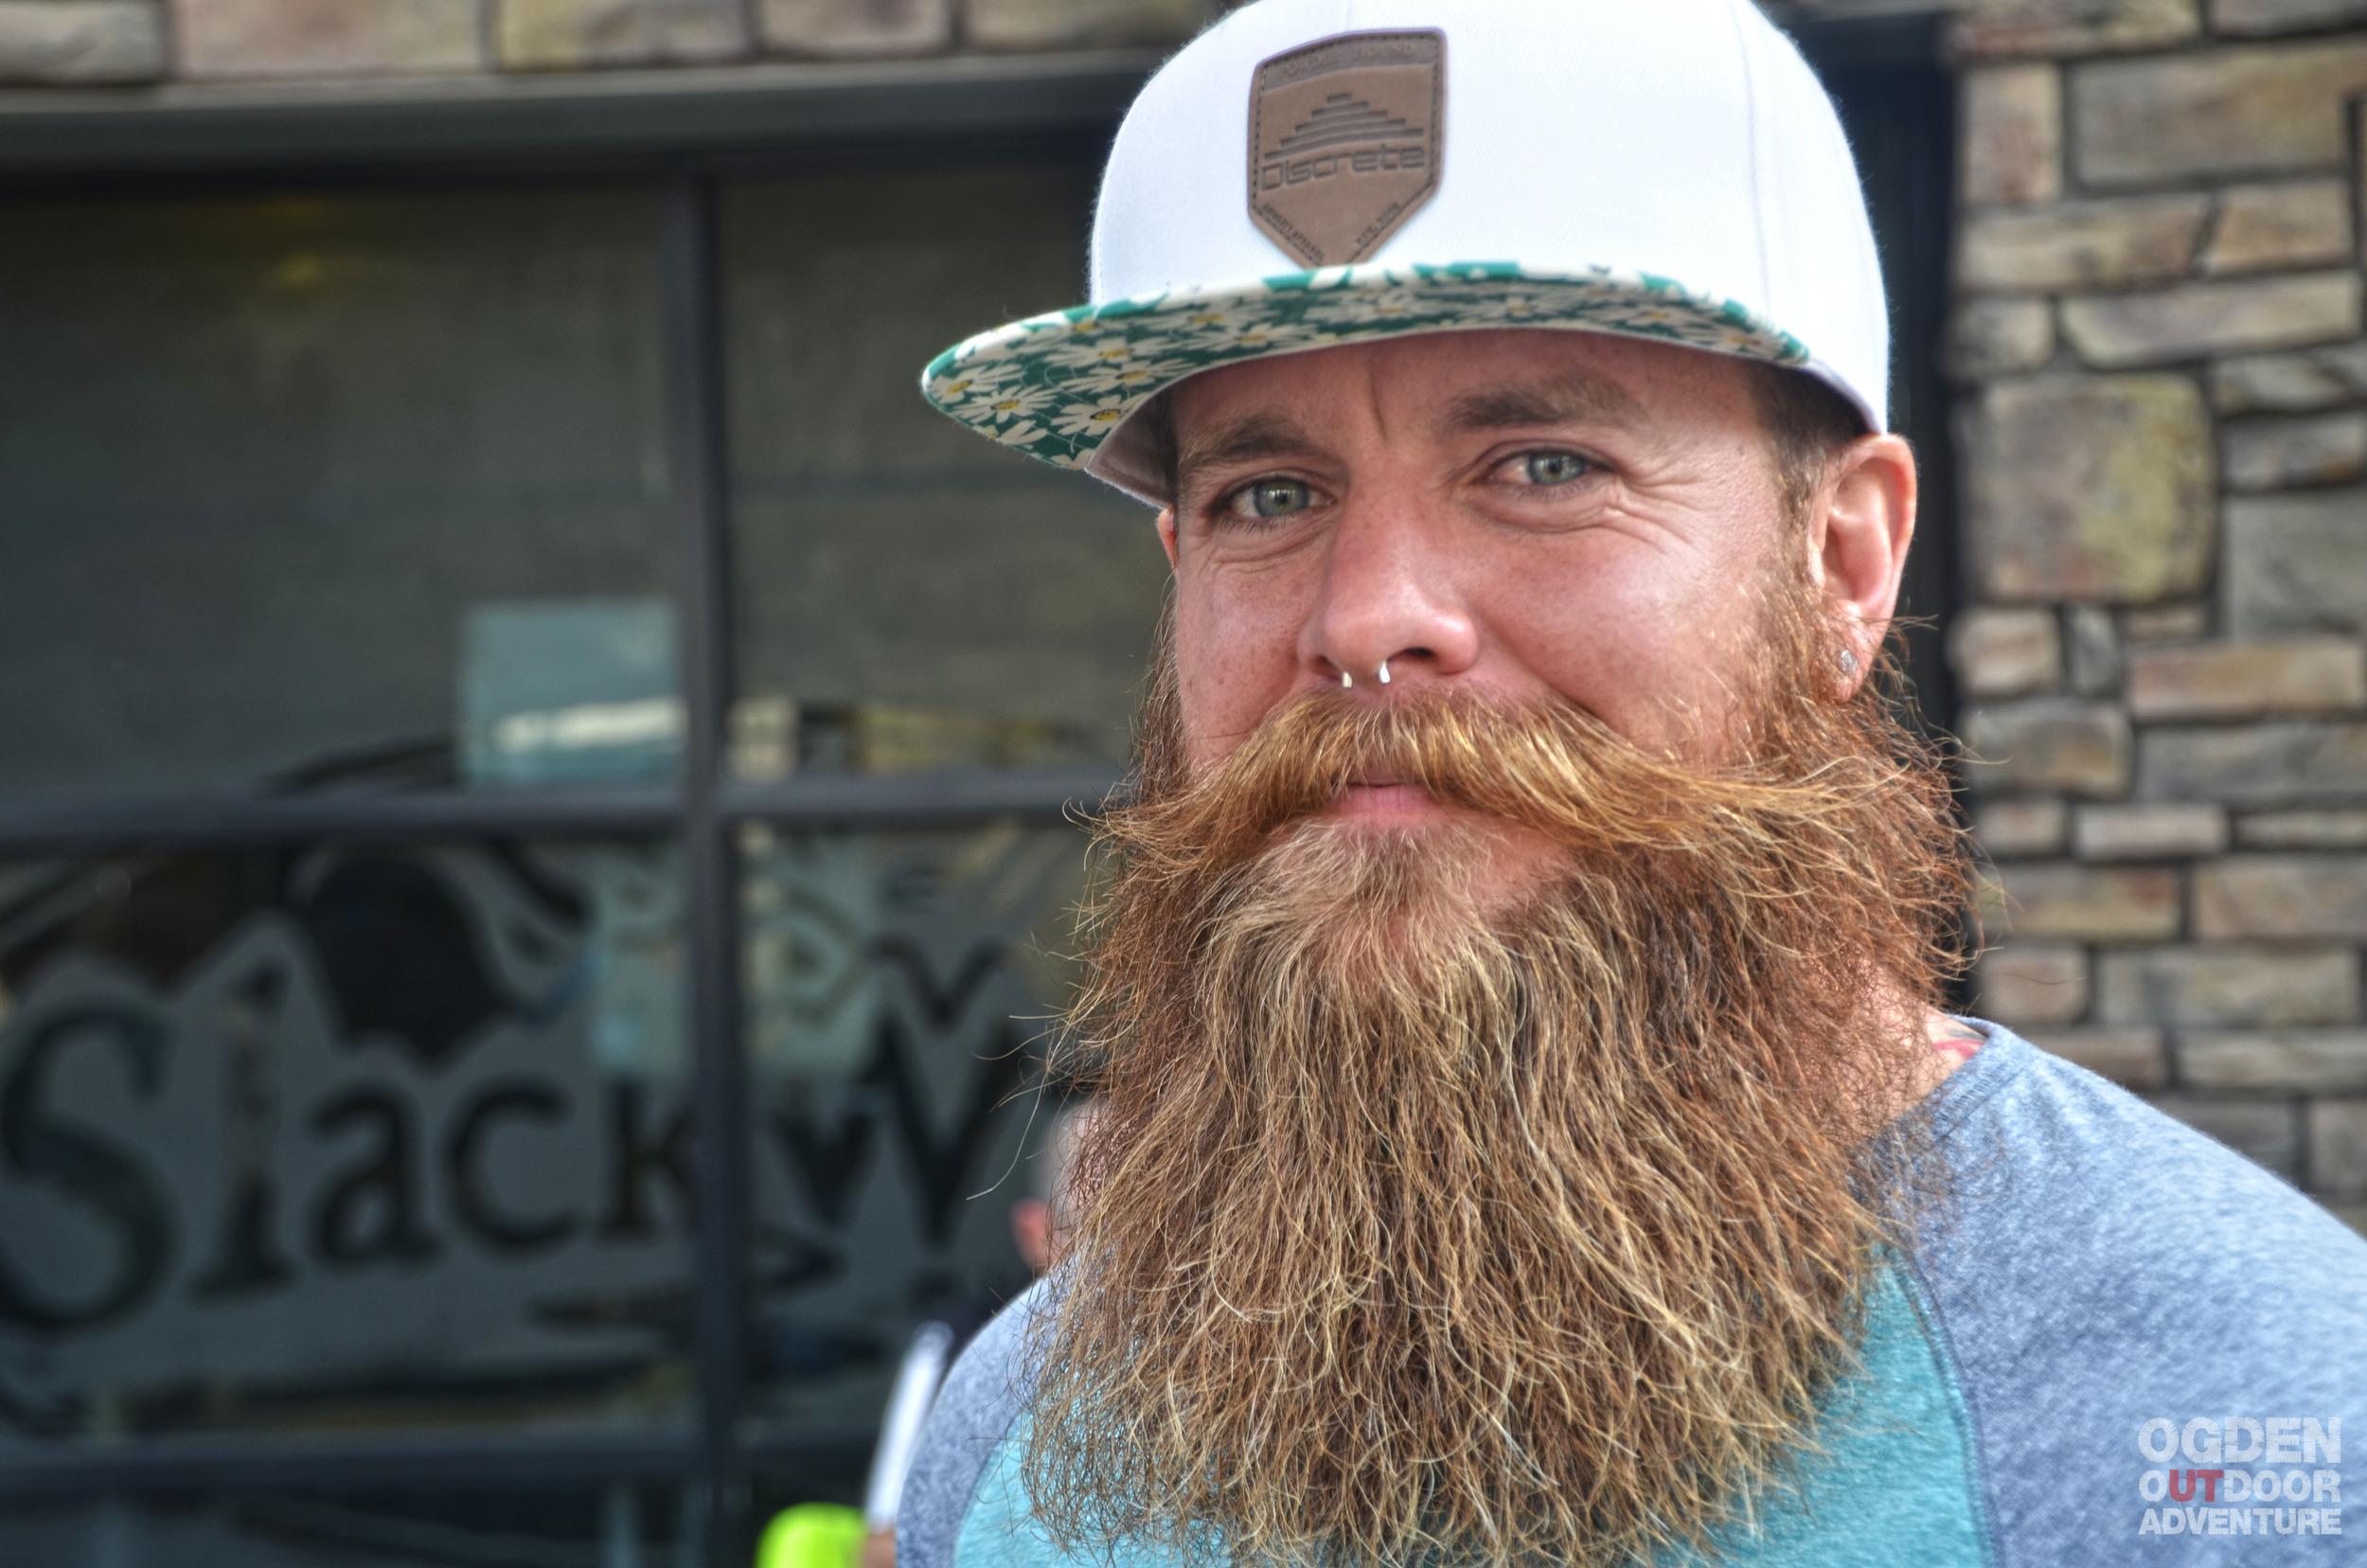 Nic Mahoskey - World Beard and Mustache Champion